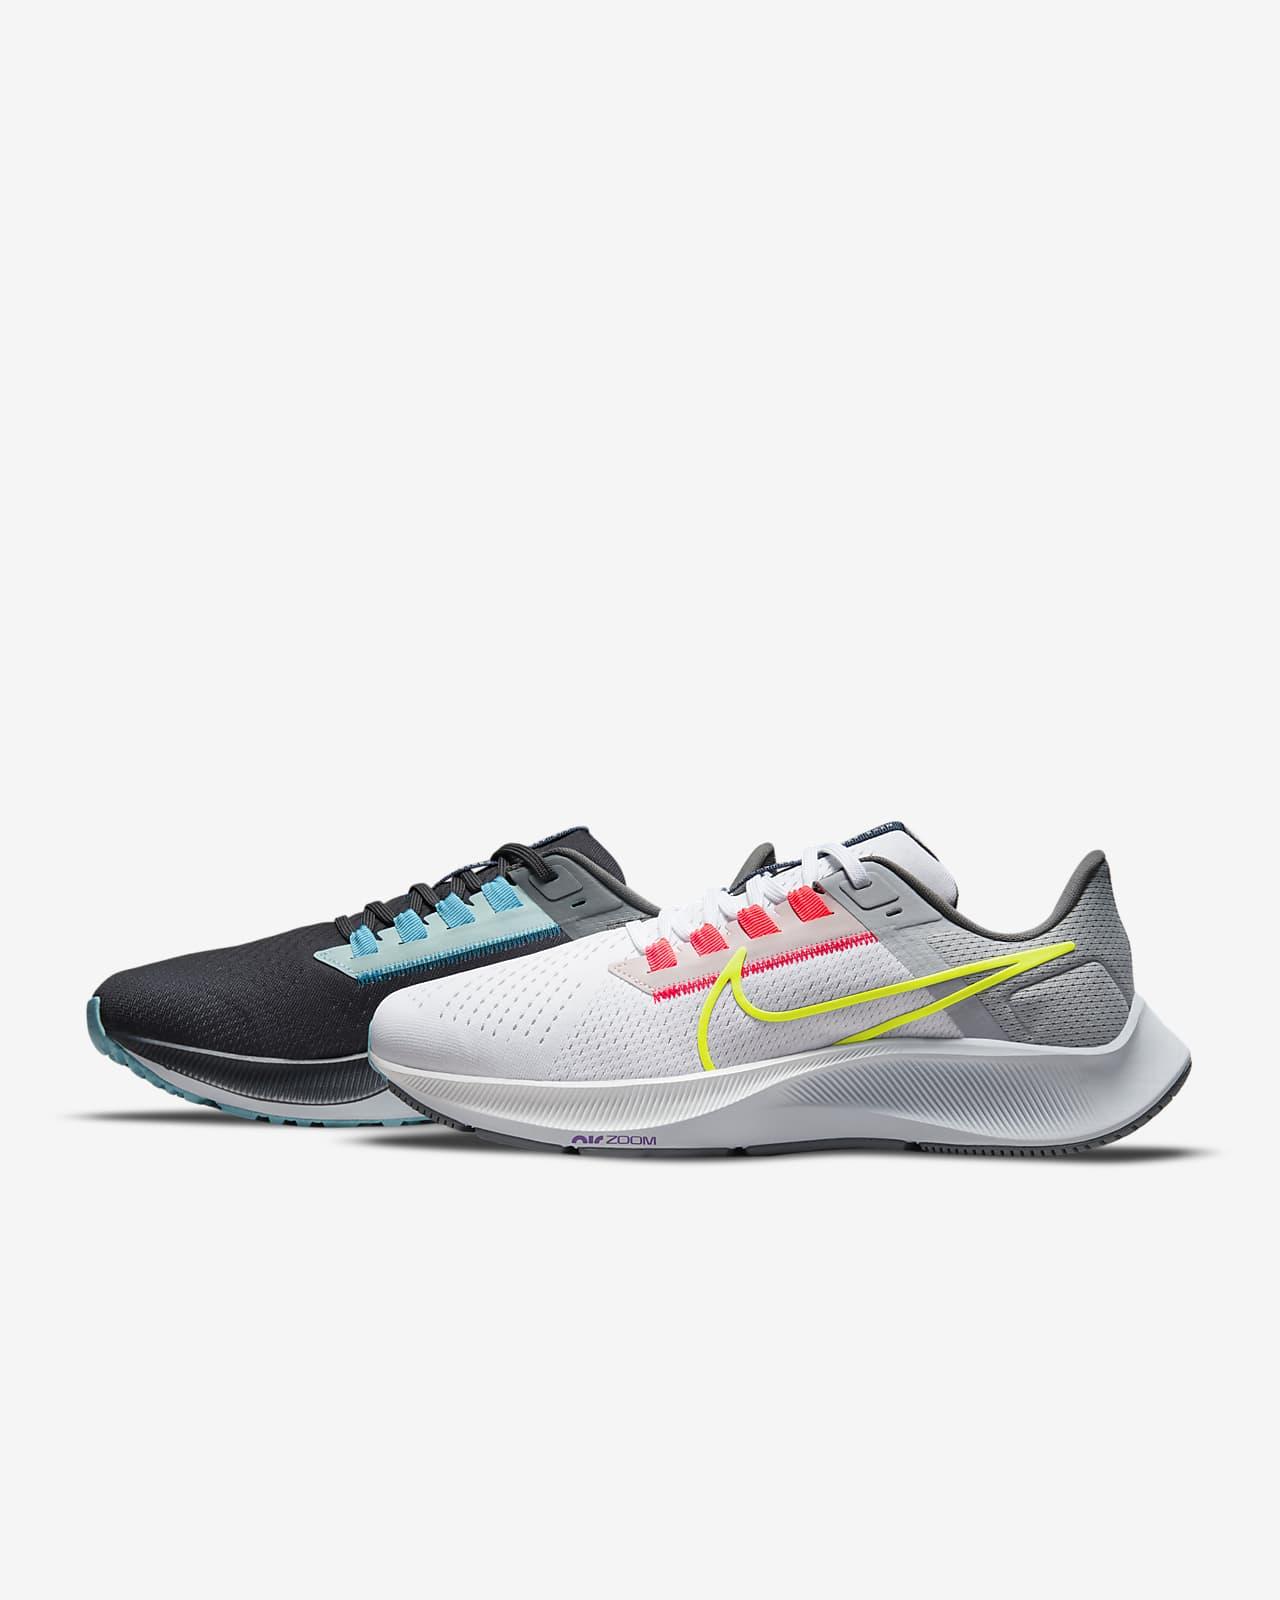 Calzado de running para mujer Nike Air Zoom Pegasus 38 Limited Edition